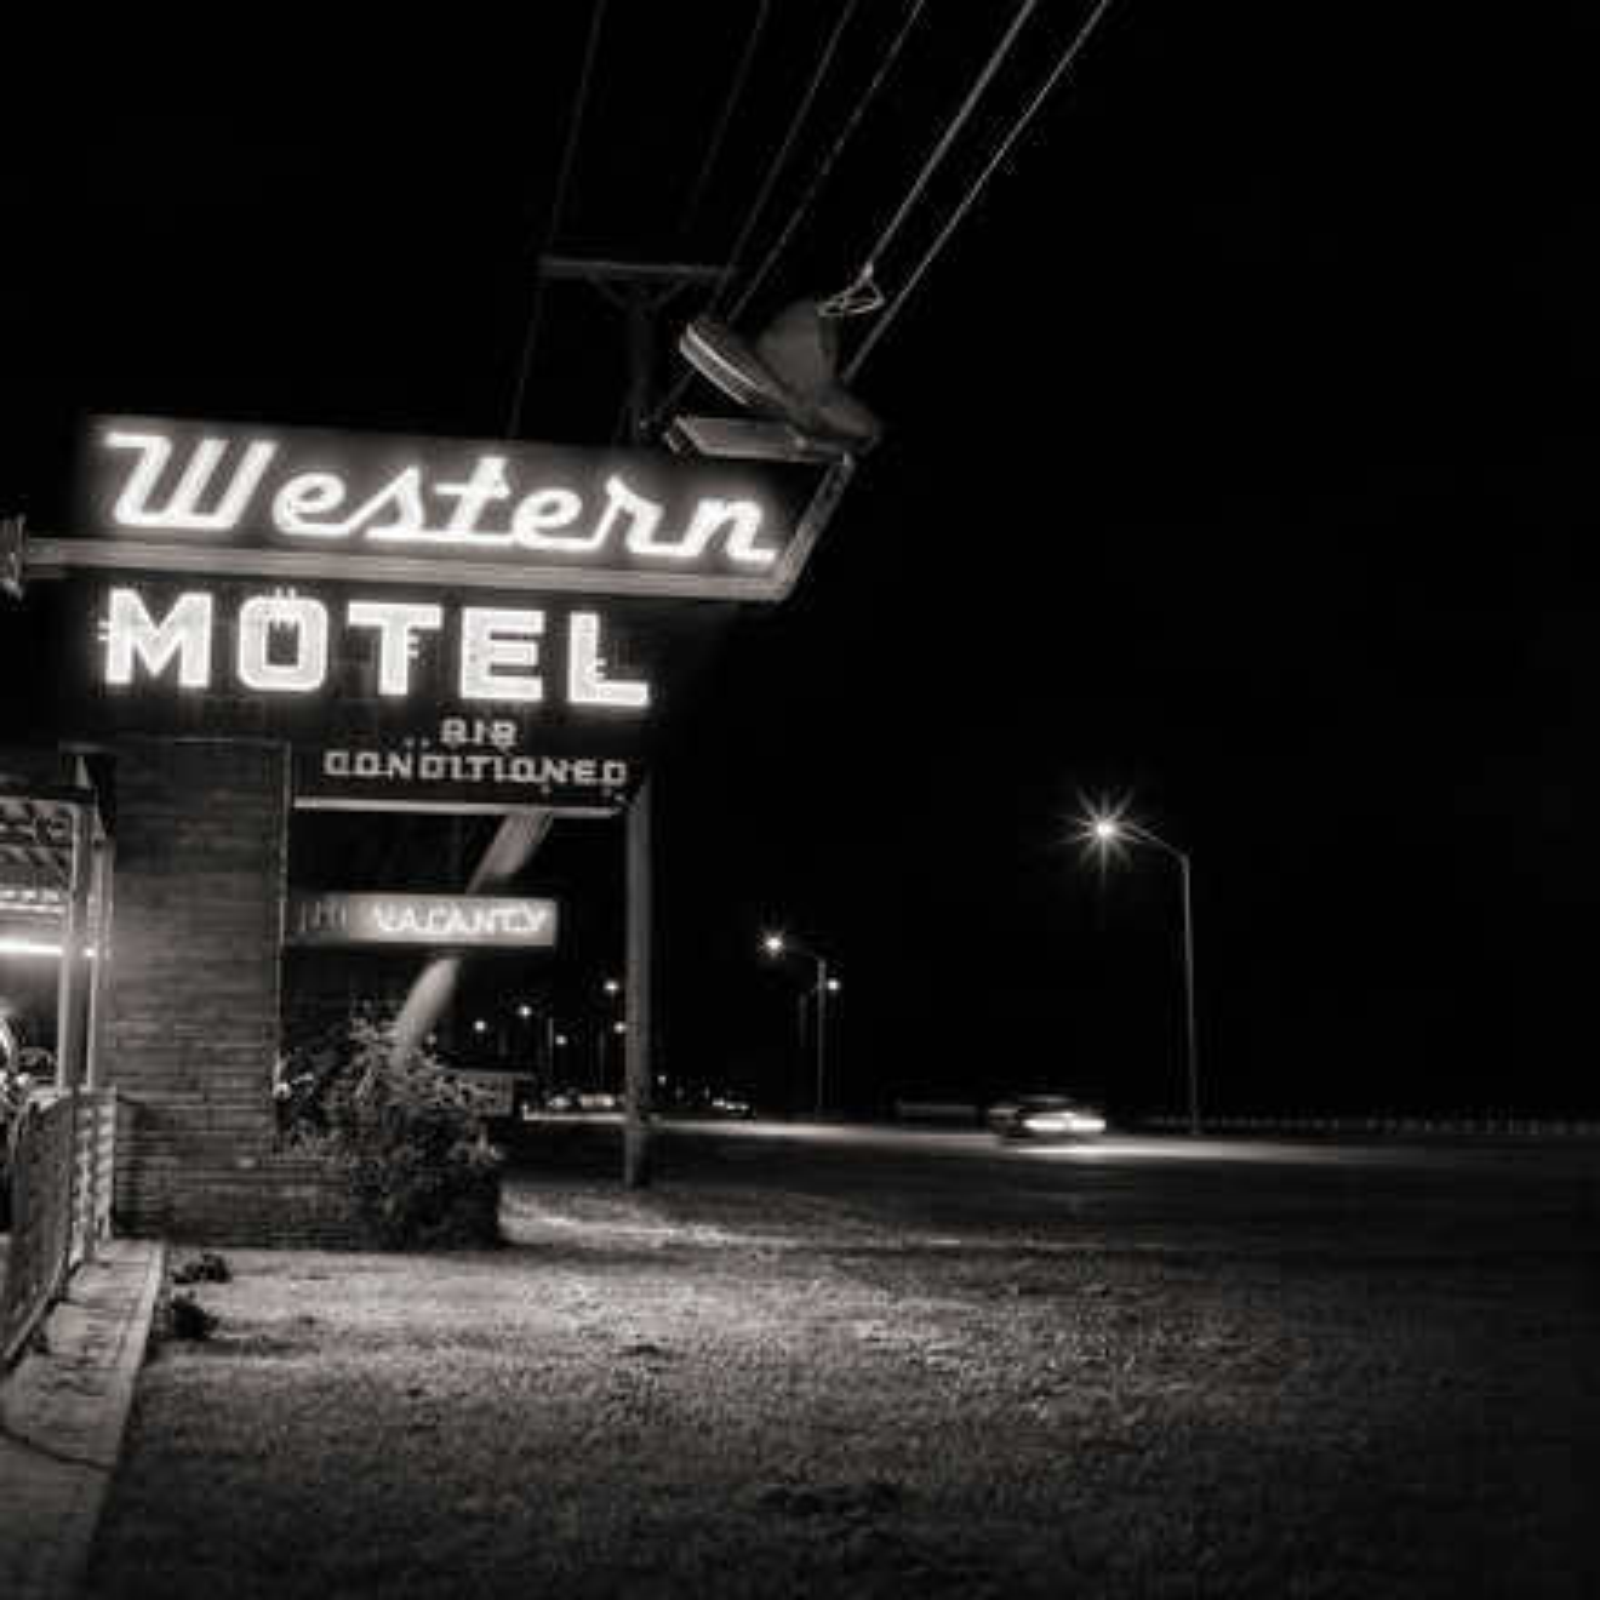 Western Motel - Shannon Richardson